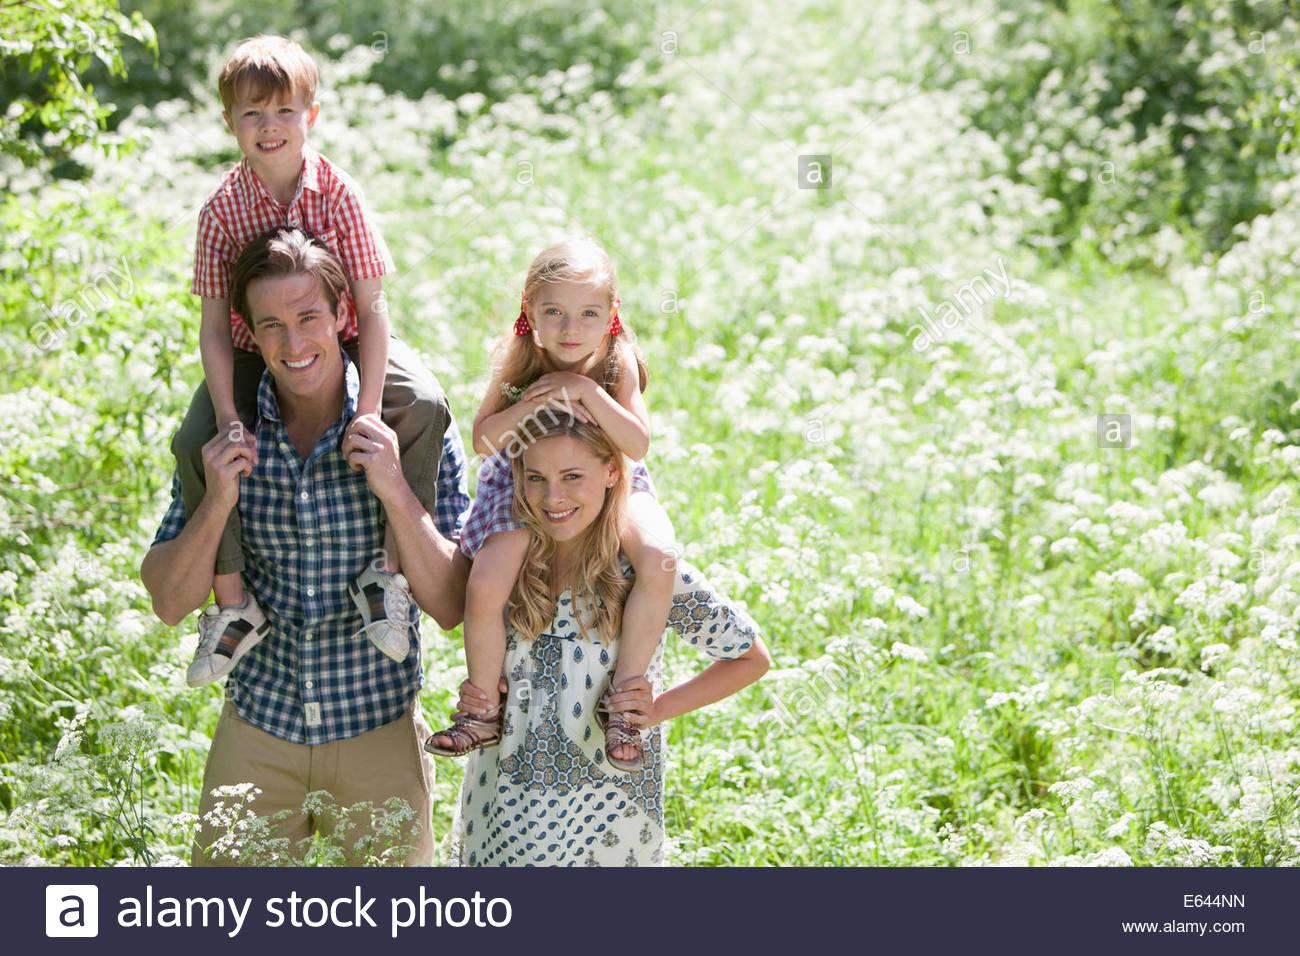 Eltern halten Kinder auf Schultern im park Stockbild